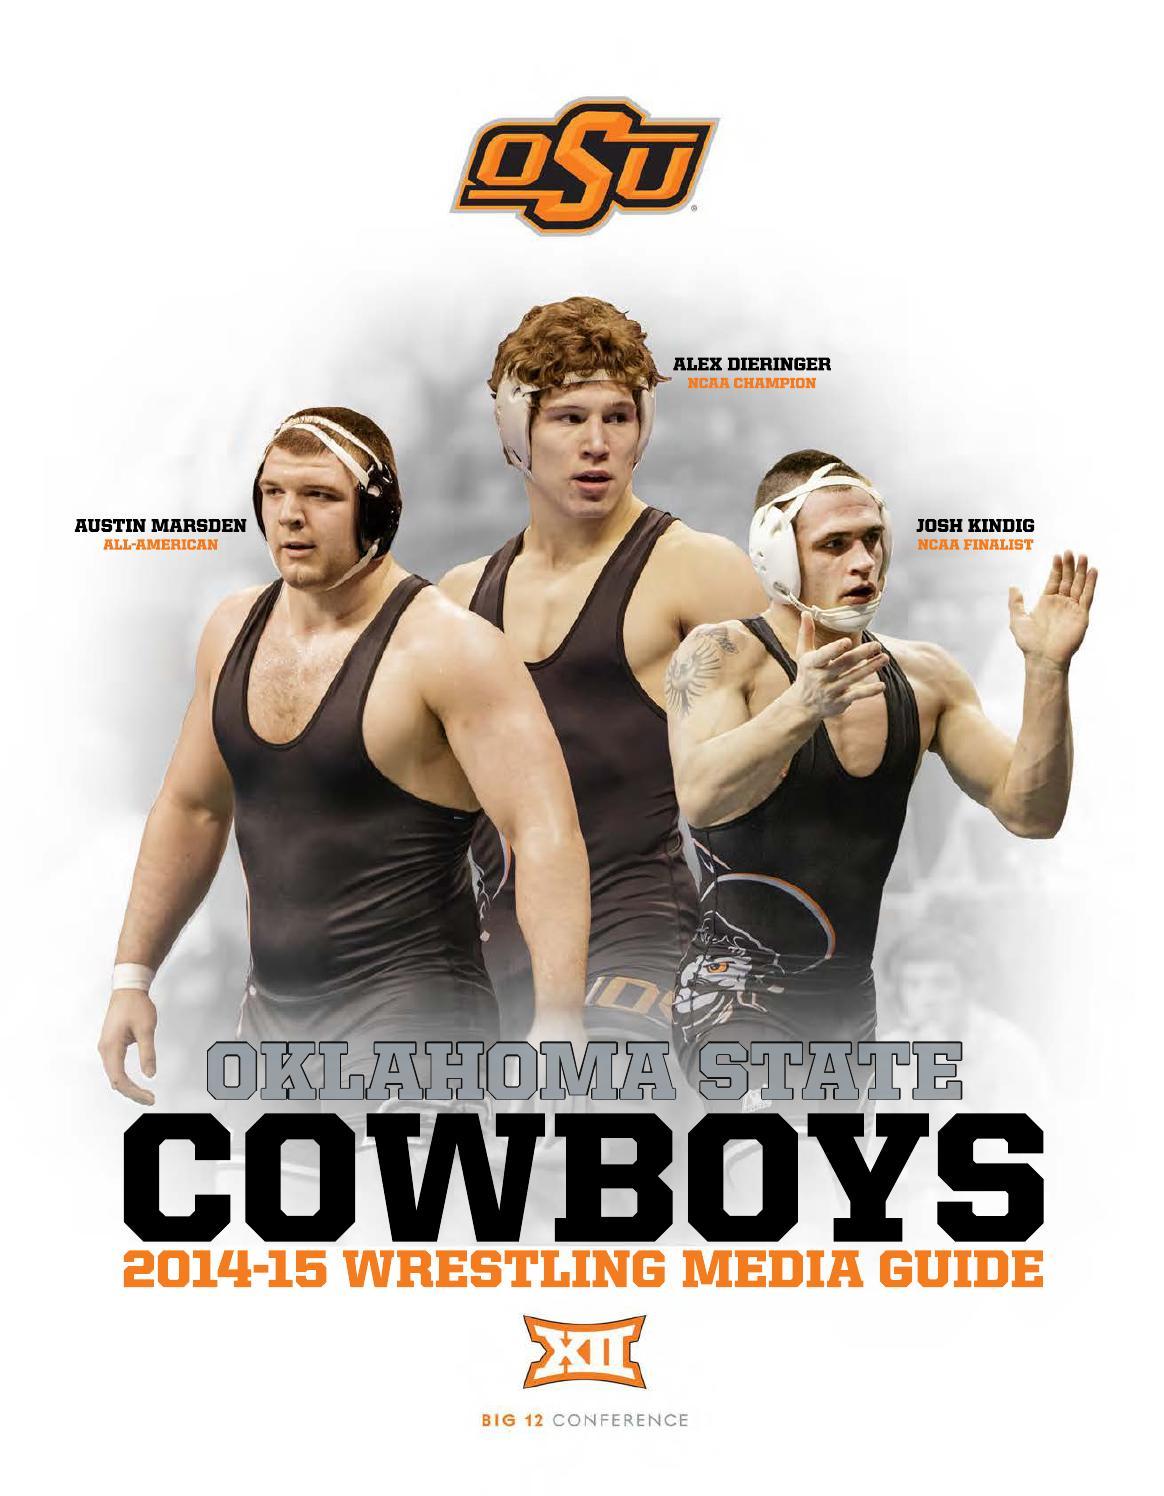 2014-15 Cowboy Wrestling Media Guide